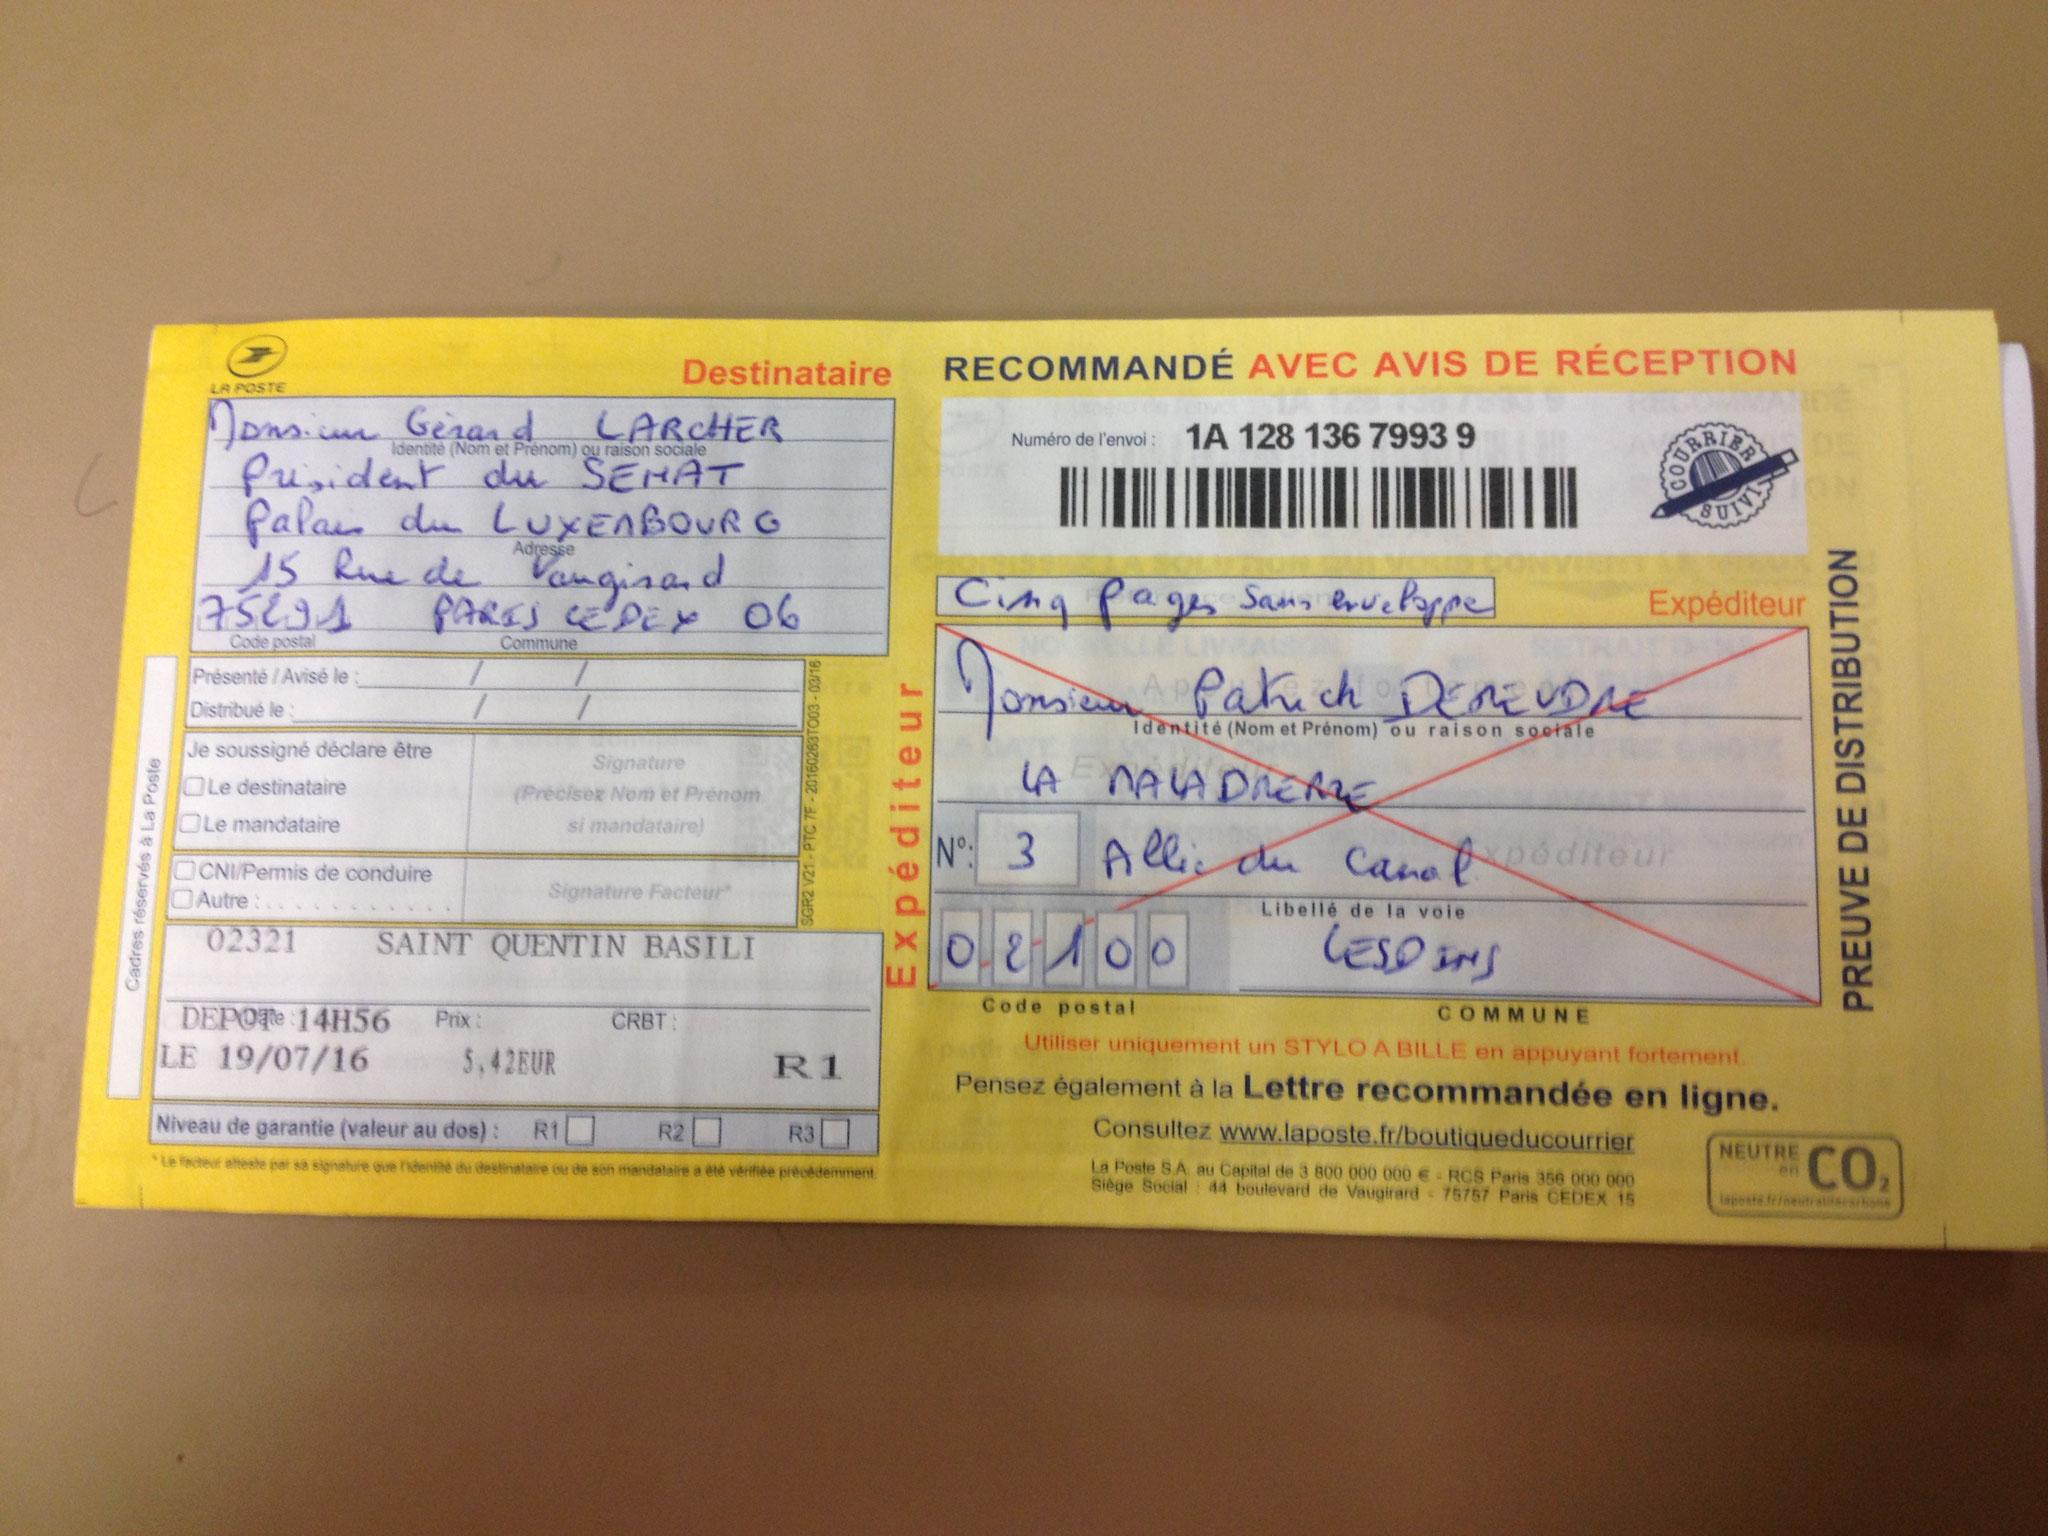 LRAR Verso du 19 Juillet 2016 à Monsieur Gérard LARCHER le Président du Sénat